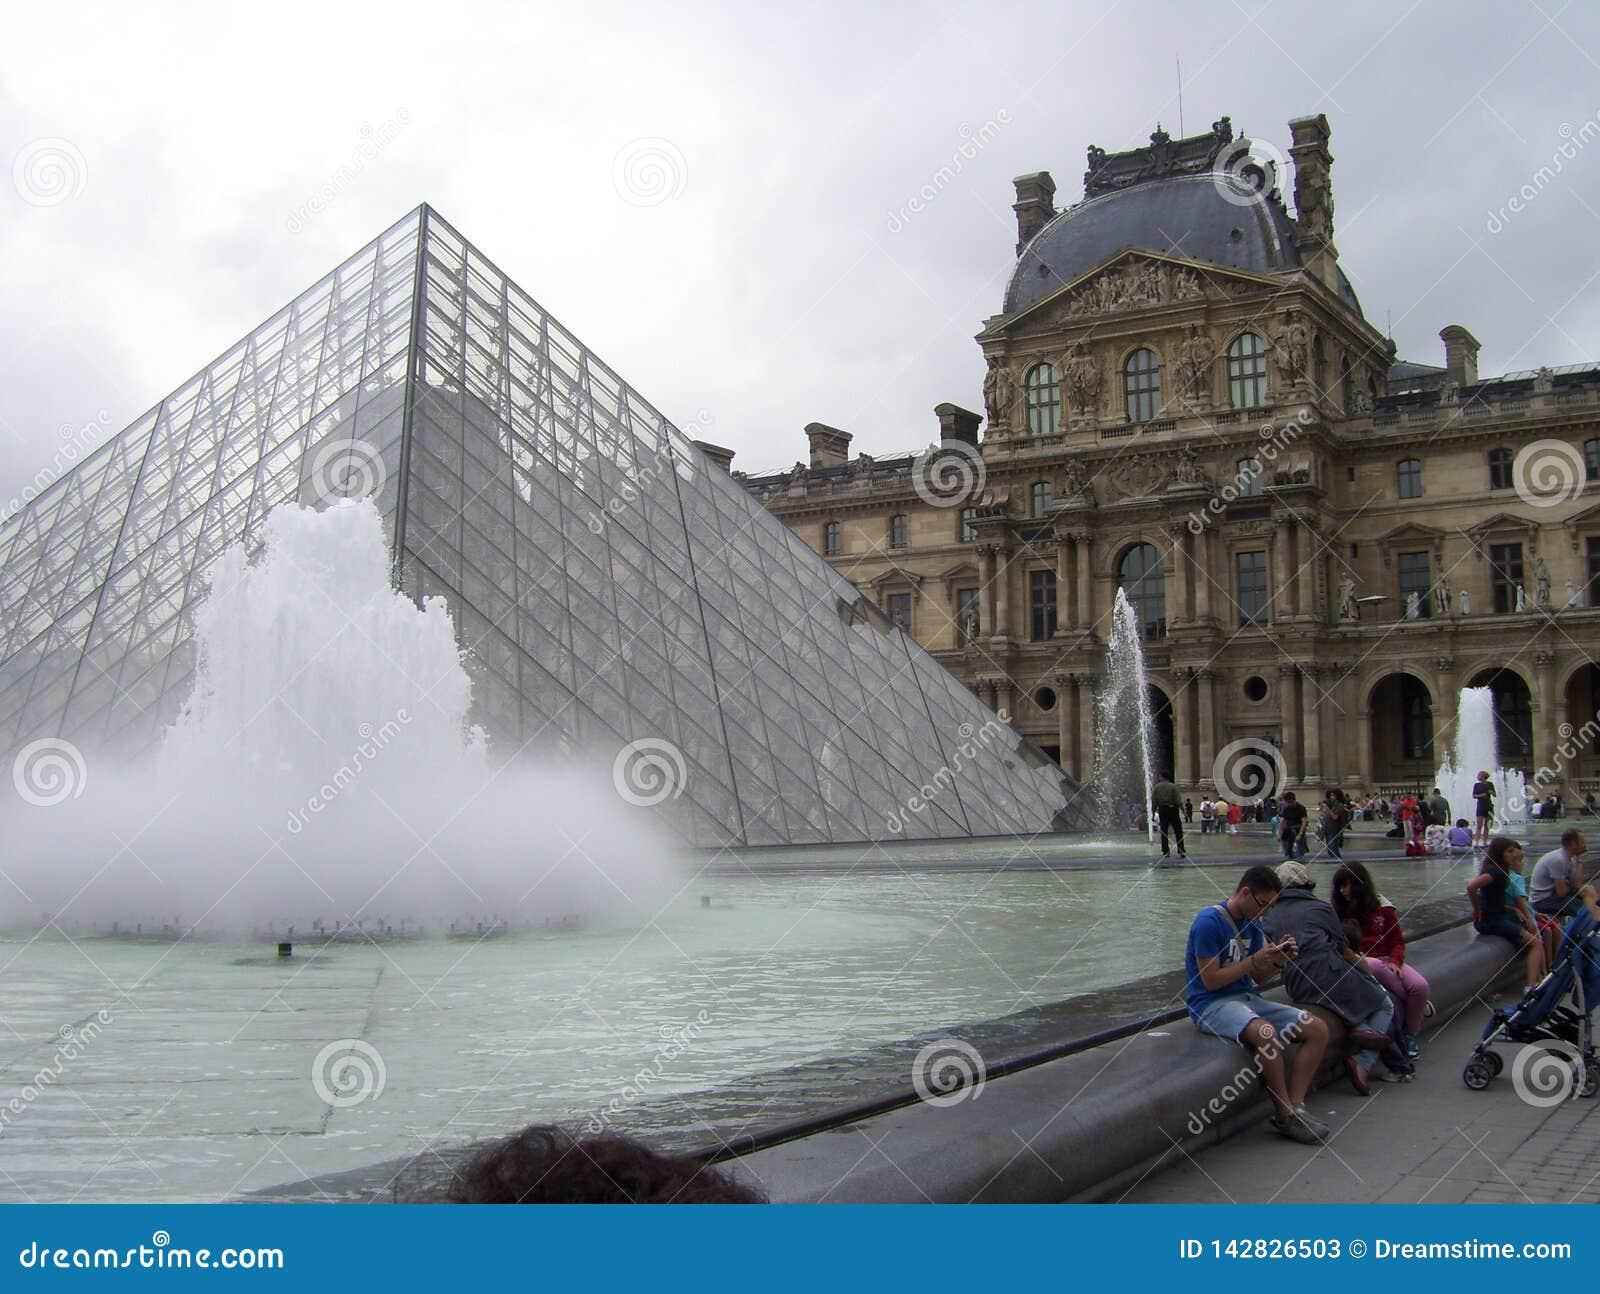 Le musée de Louvre est le musée le plus important en France